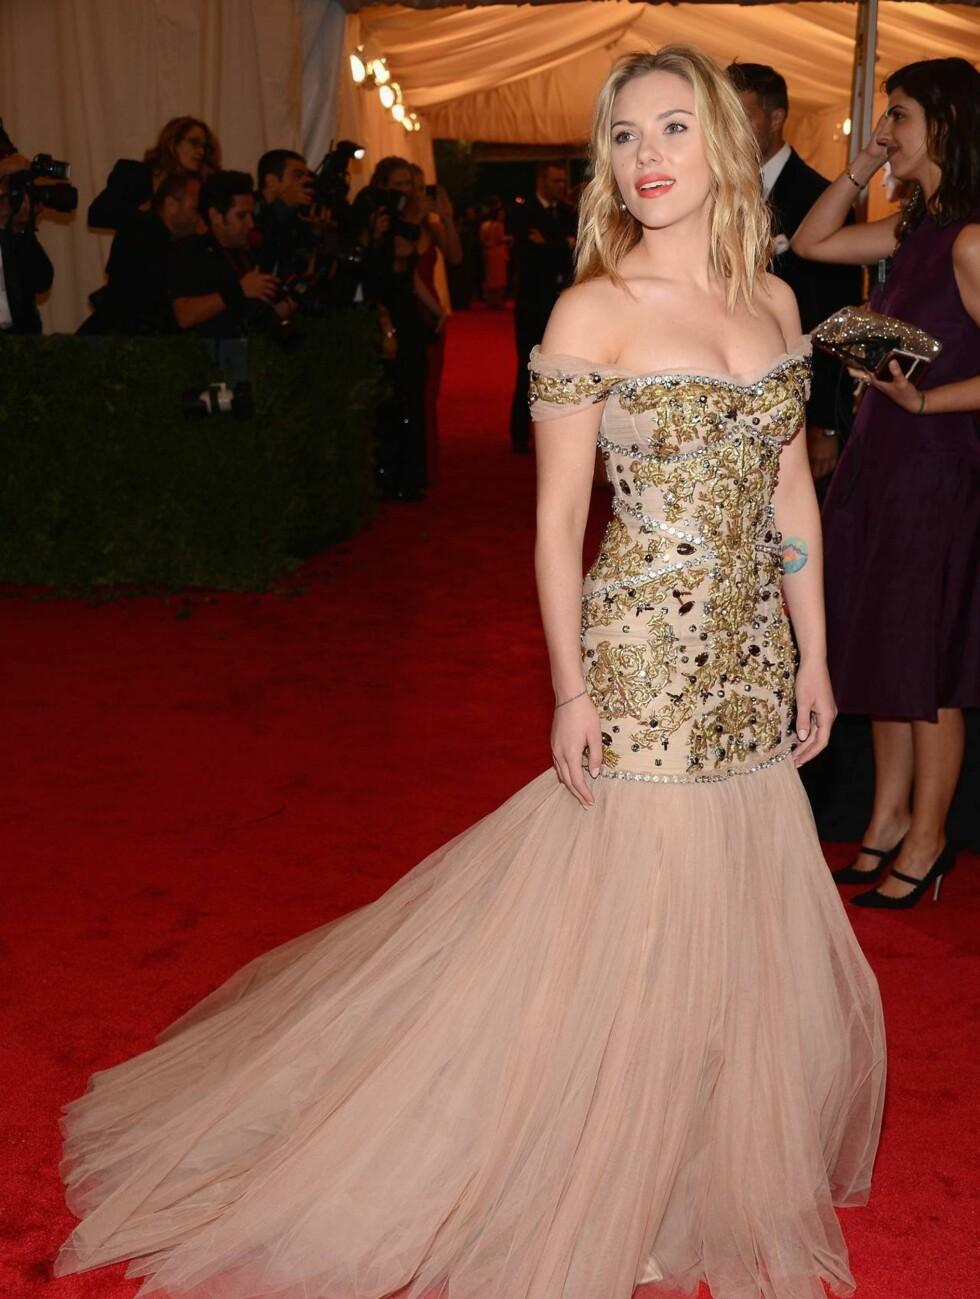 PRINSESSEKJOLE: Vakre Scarlett Johansson valgte en juvelbesatt prinsessekjole med tyllskjørt fra Dolce & Gabbana.  Foto: All Over Press